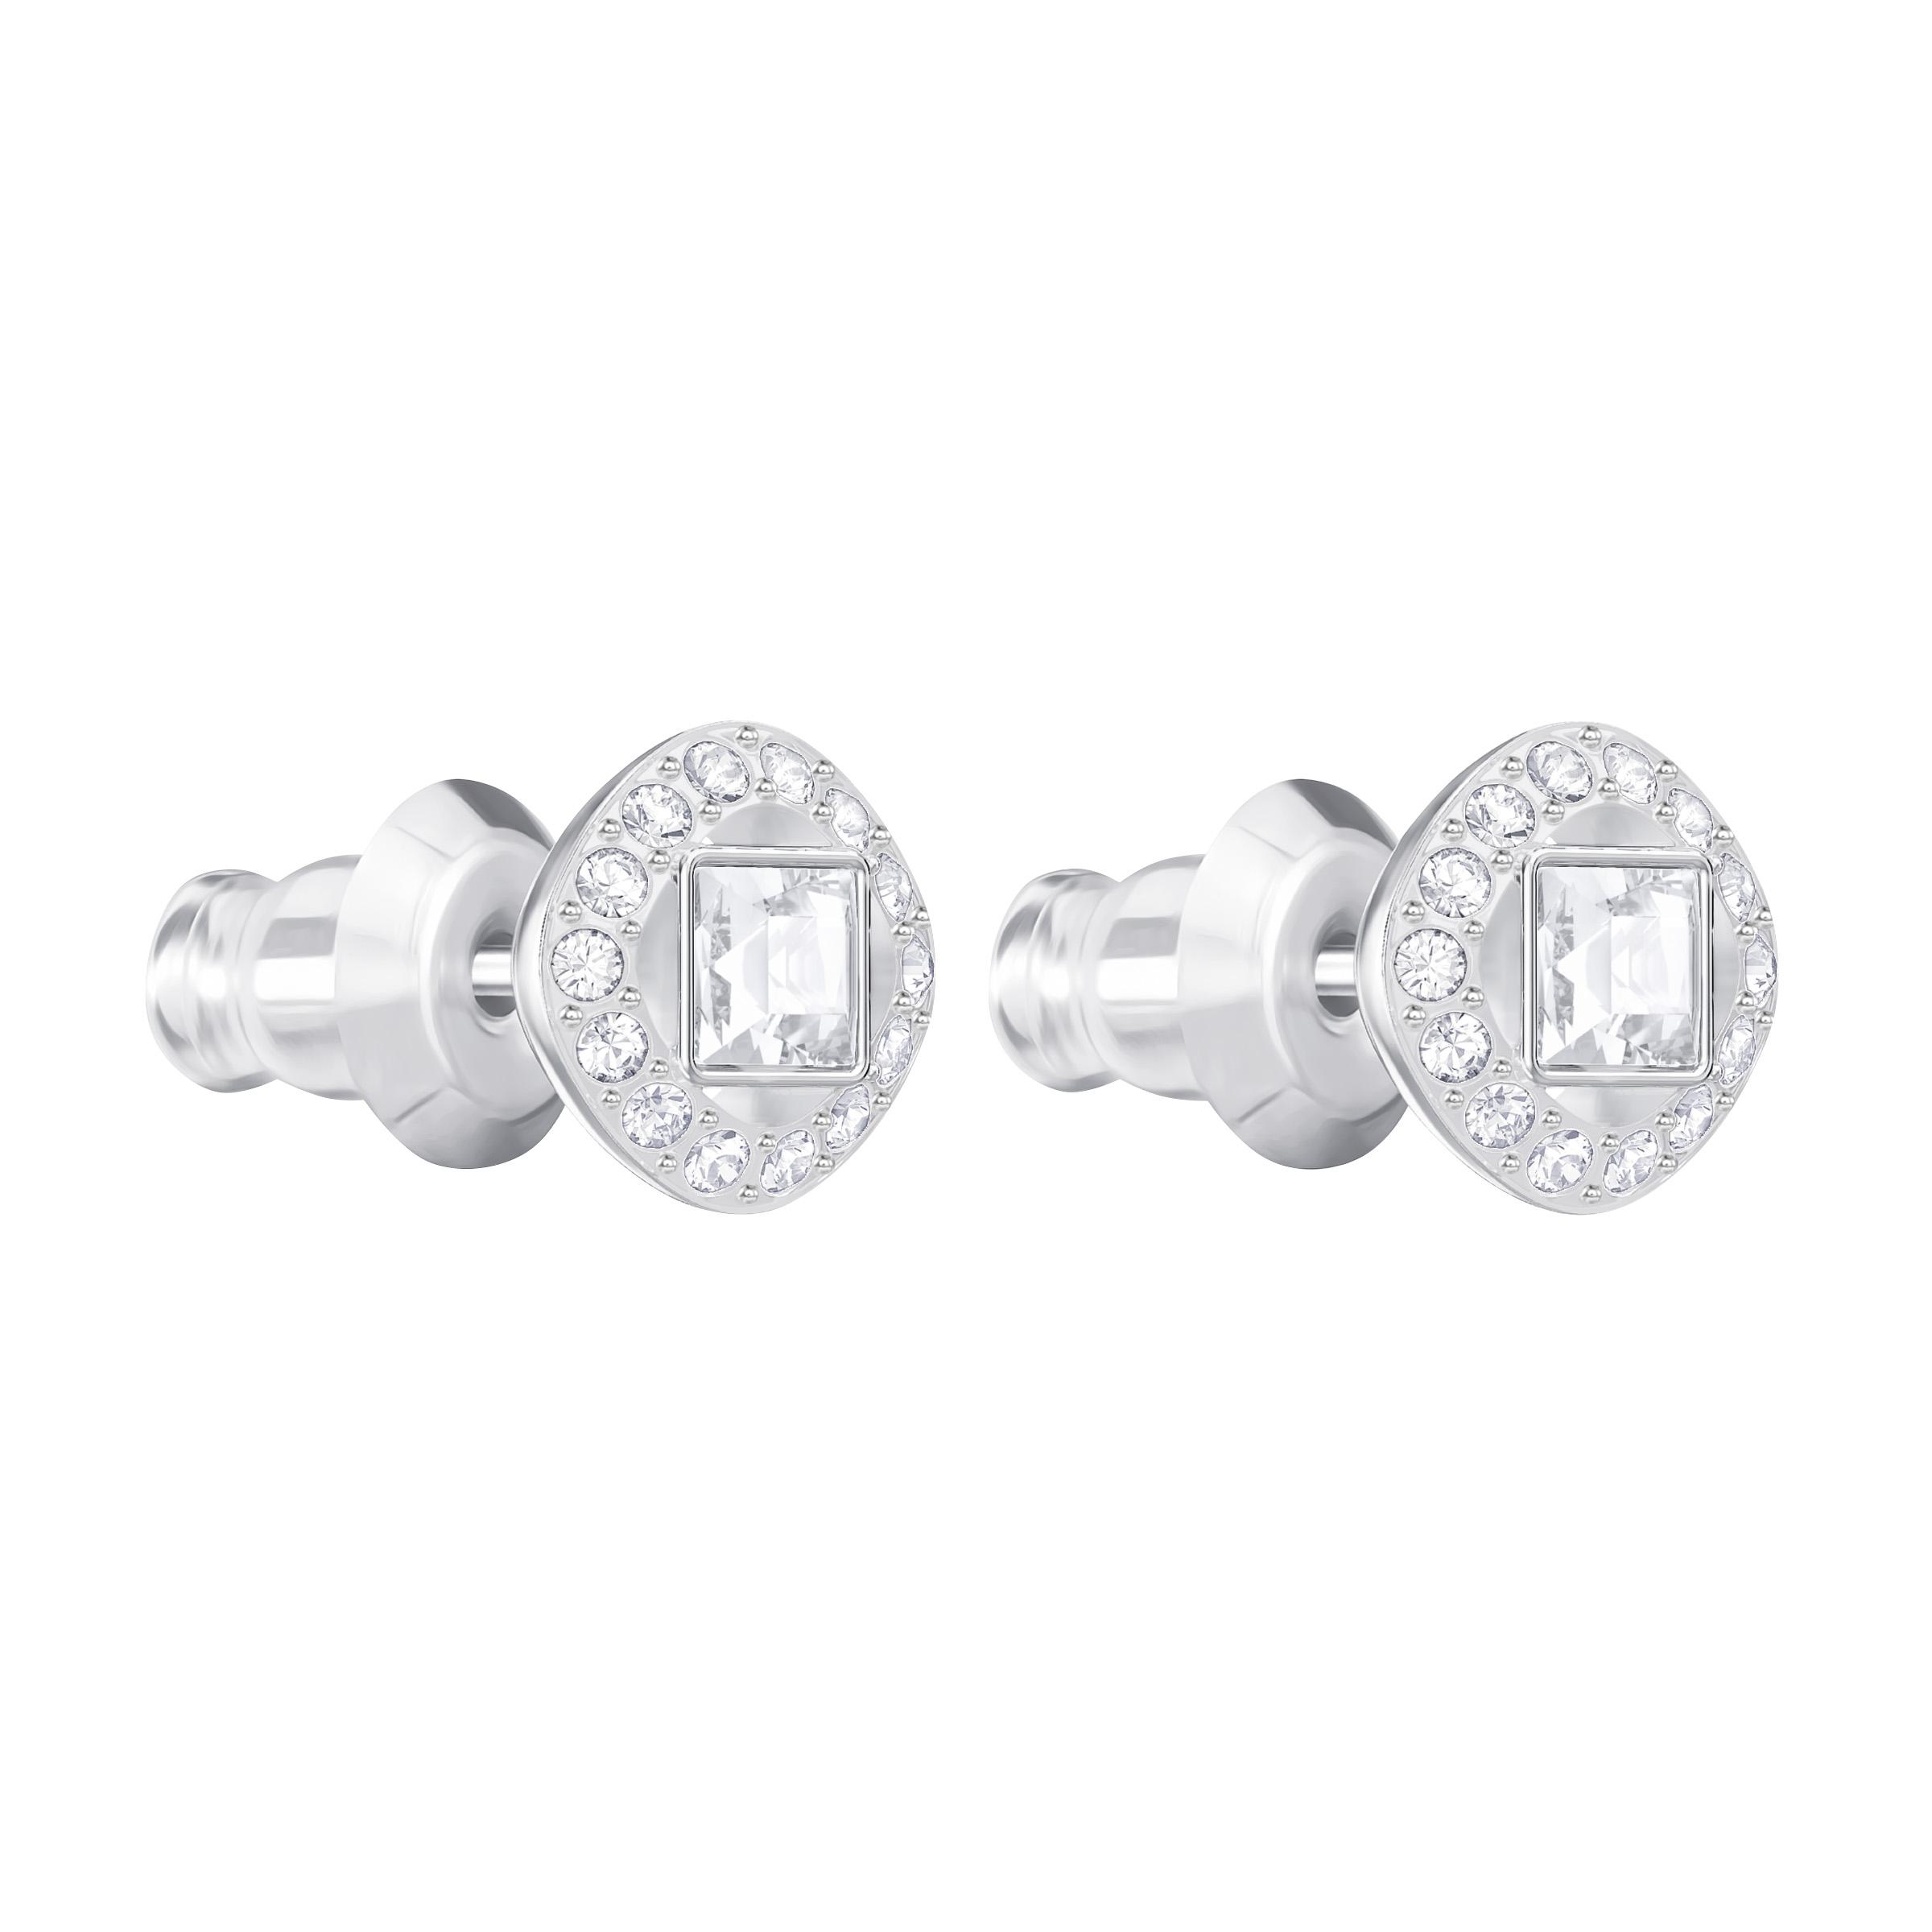 Boucles d'oreilles Angelic Square, blanc, Métal rhodié, Swarovski